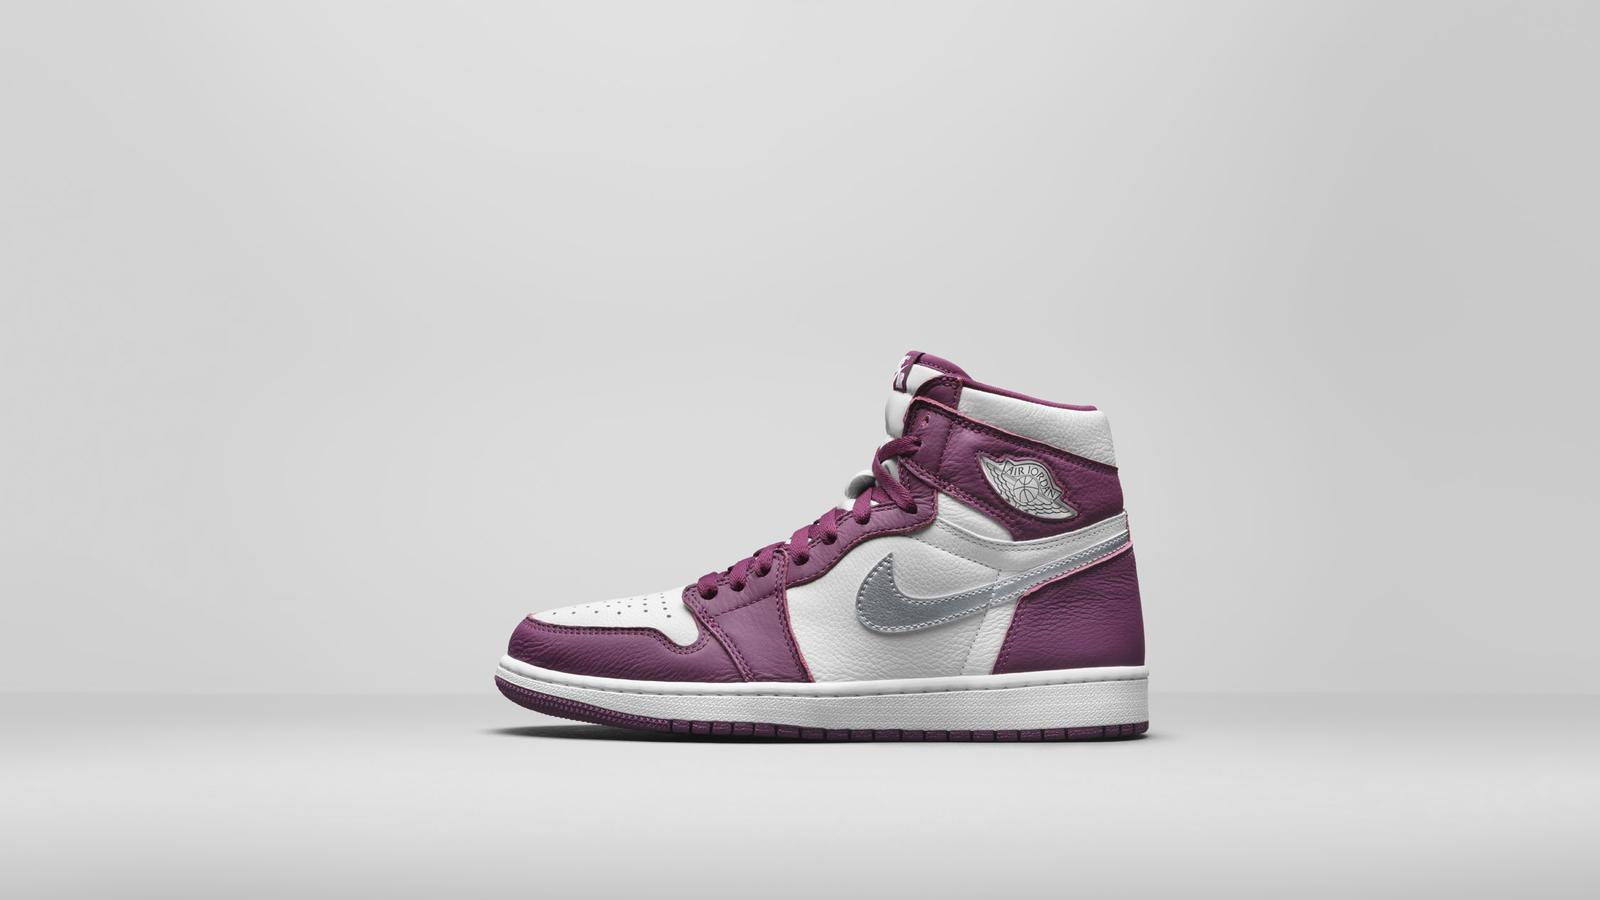 Nike News Jordan Brand Ho21 Retro Preview Aj I Retro Hi Og 555088 611 A1 Lateral V02 Lr